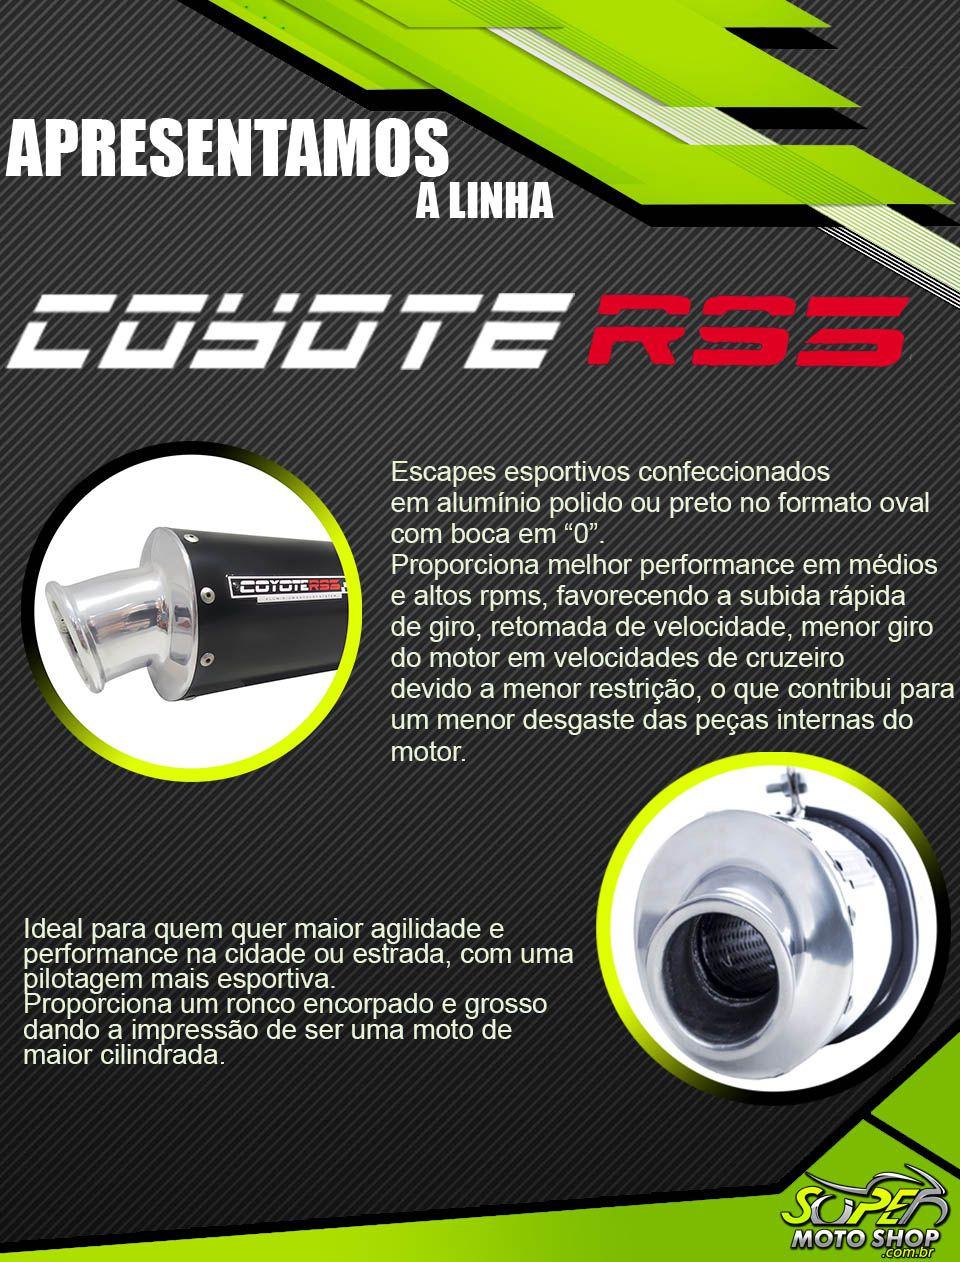 Escape / Ponteira Coyote RS3 Aluminio Oval - CG 125 Fan 2009 até 2013 & 2014 em Diante - Honda